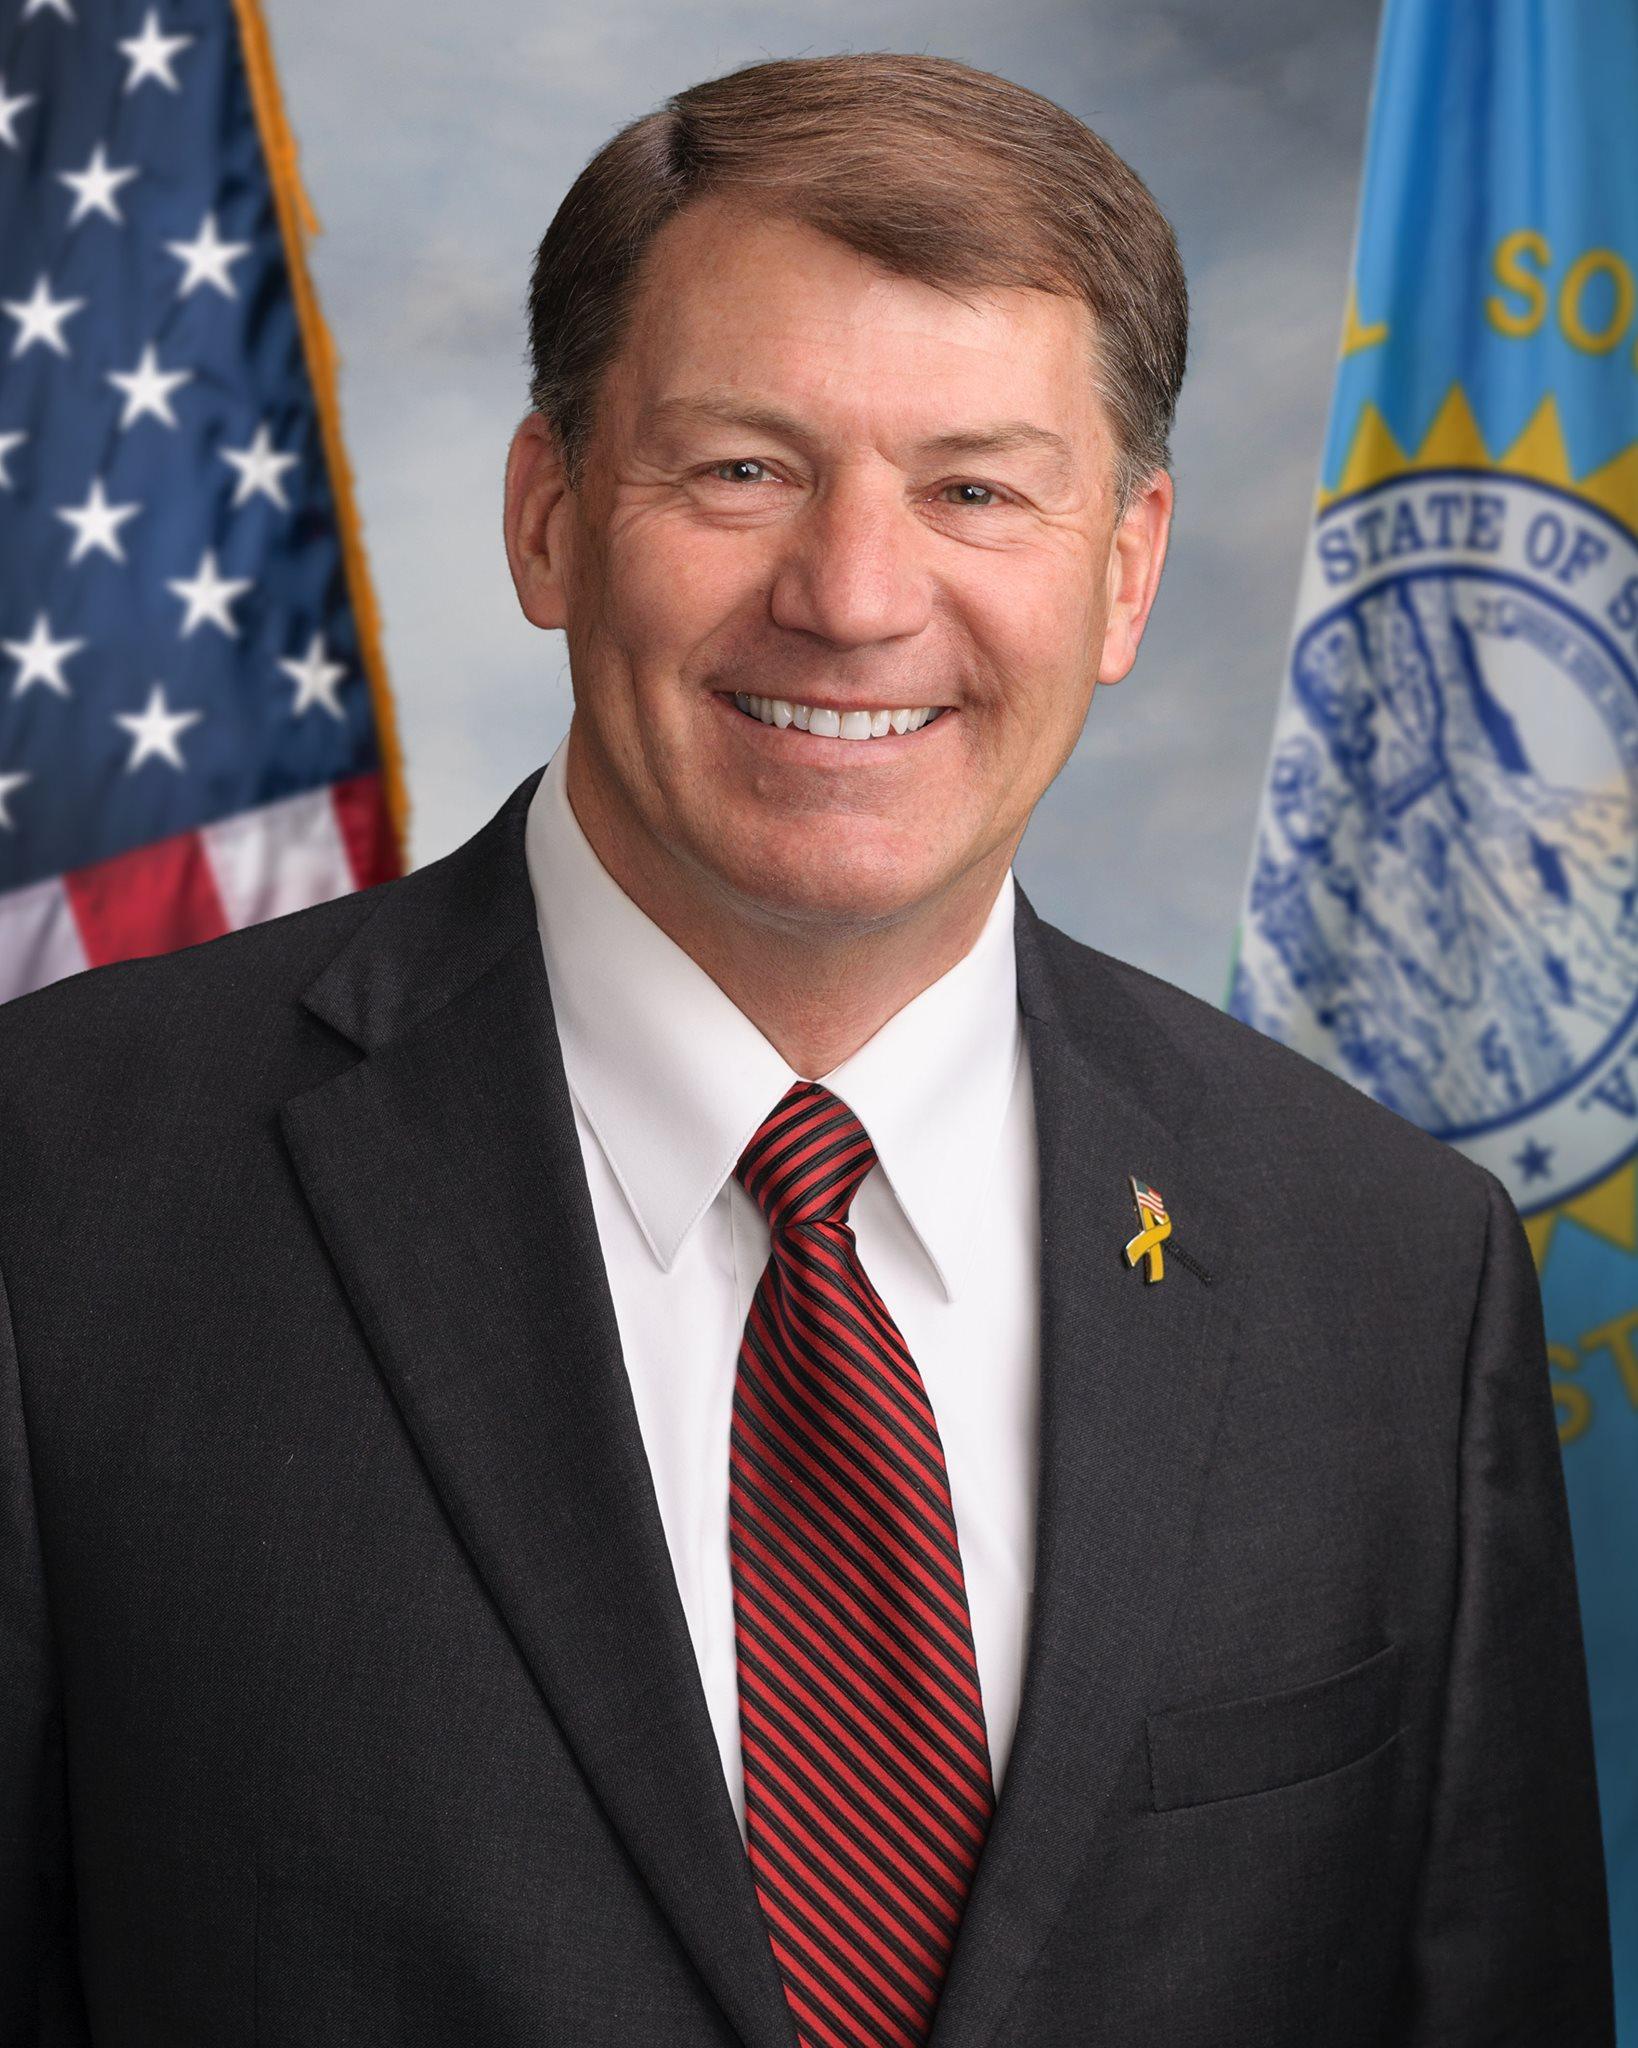 Američtí senátoři Mike Rounds a Kelly Loeffler zavádí zákon, který by omezil bezdomovectví veteránů